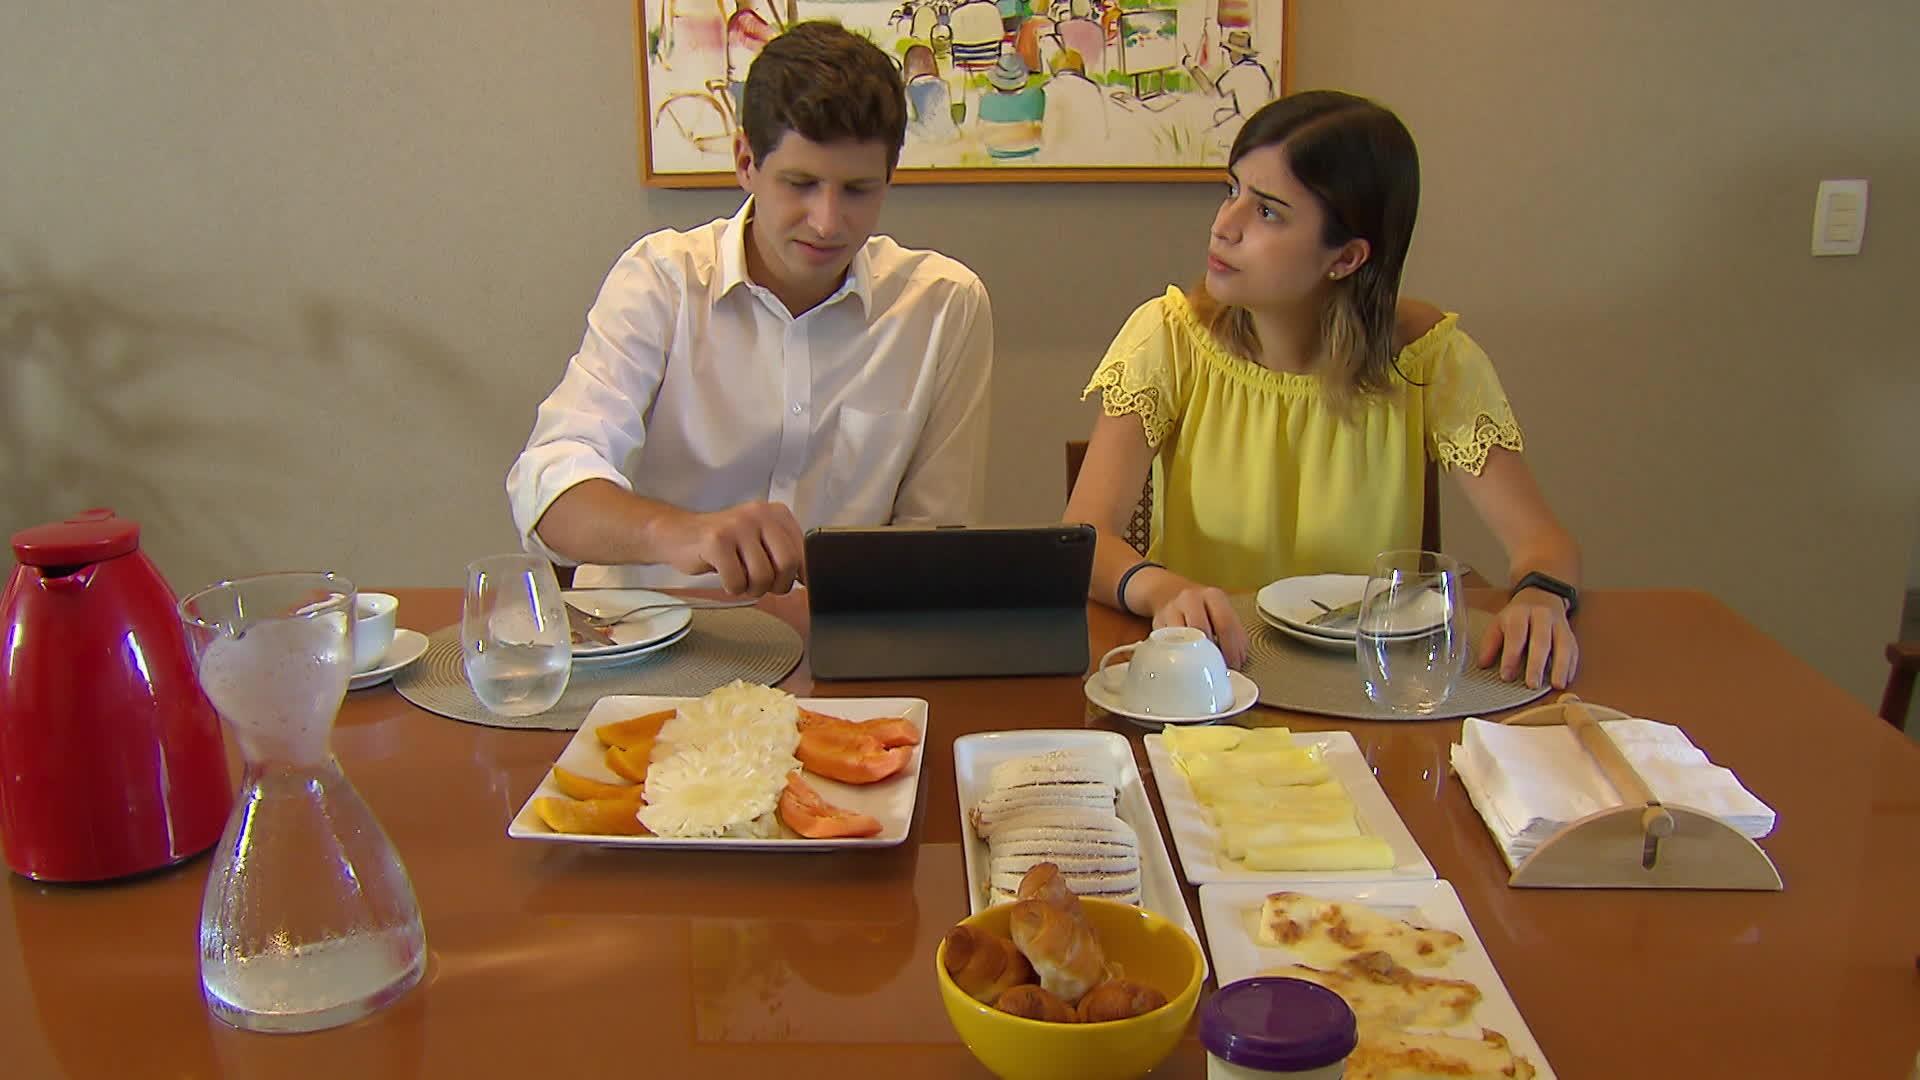 Prefeito do Recife, João Campos, e deputada Tabata Amaral anunciam que estão com Covid-19